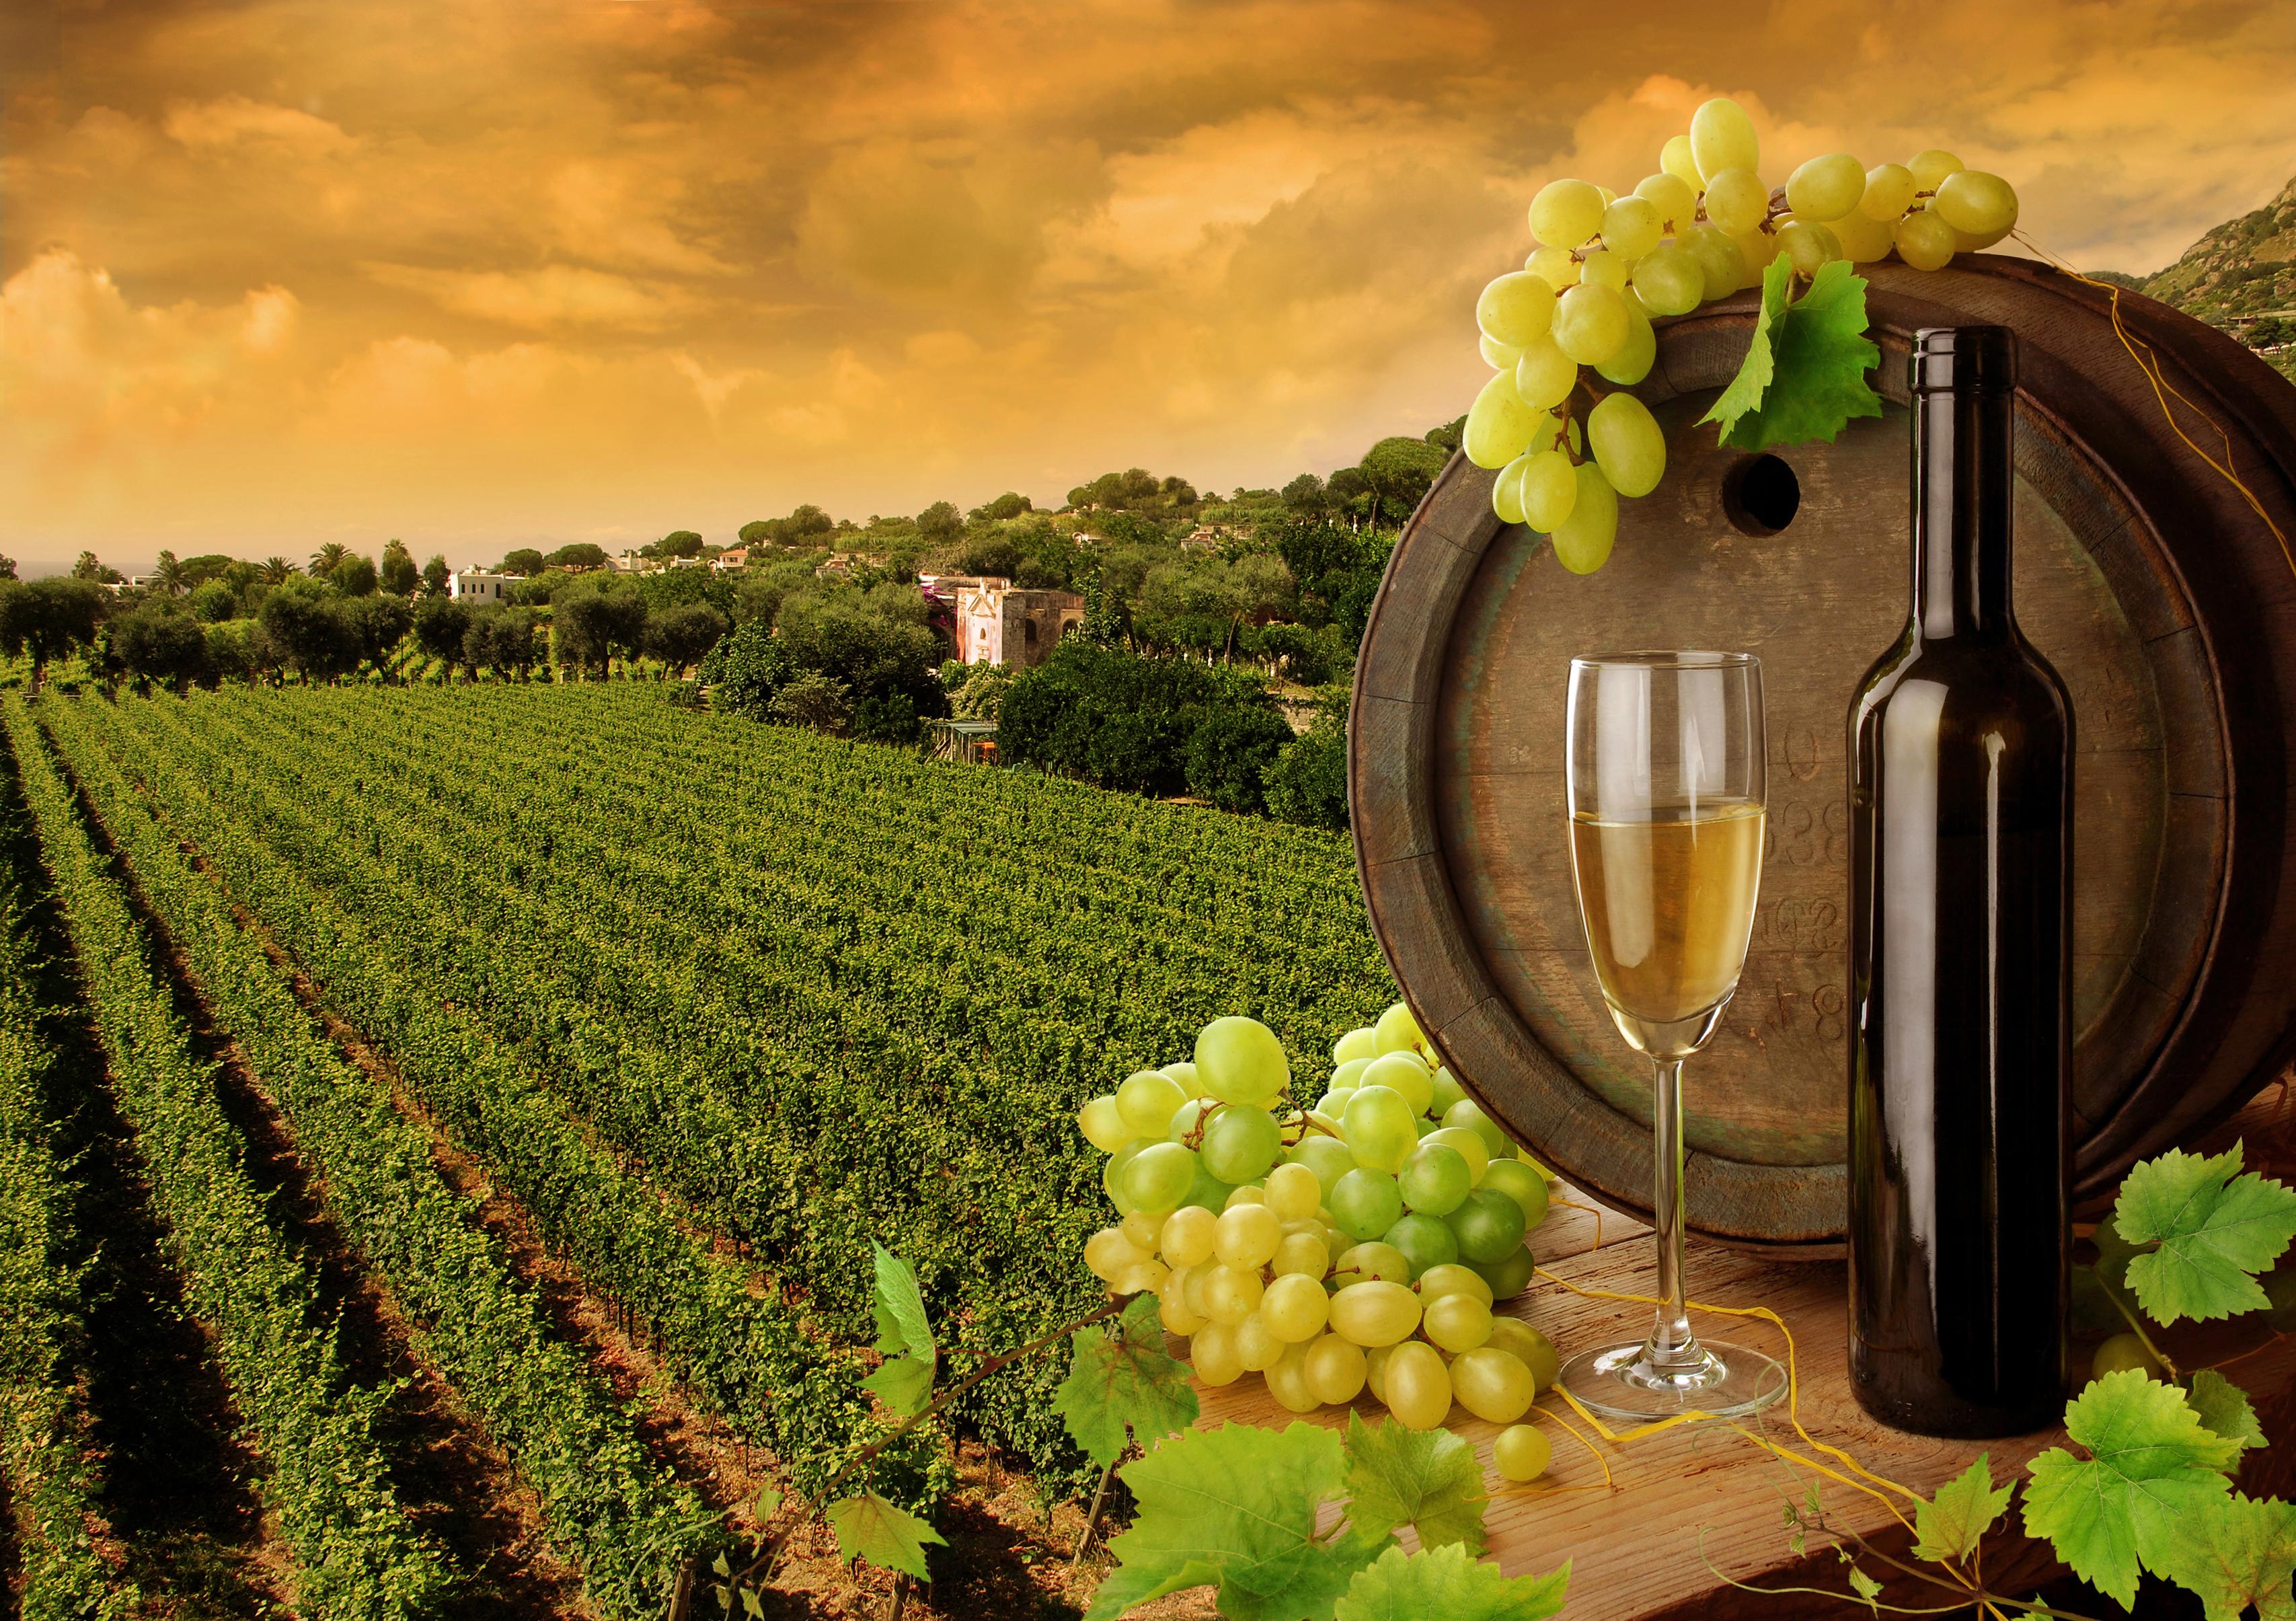 Bílé víno a zdraví: Pokud jde o snižování výskytu kardiovaskulárních onemocnění, má bílé víno podle posledních studií navrch před vínem červeným.